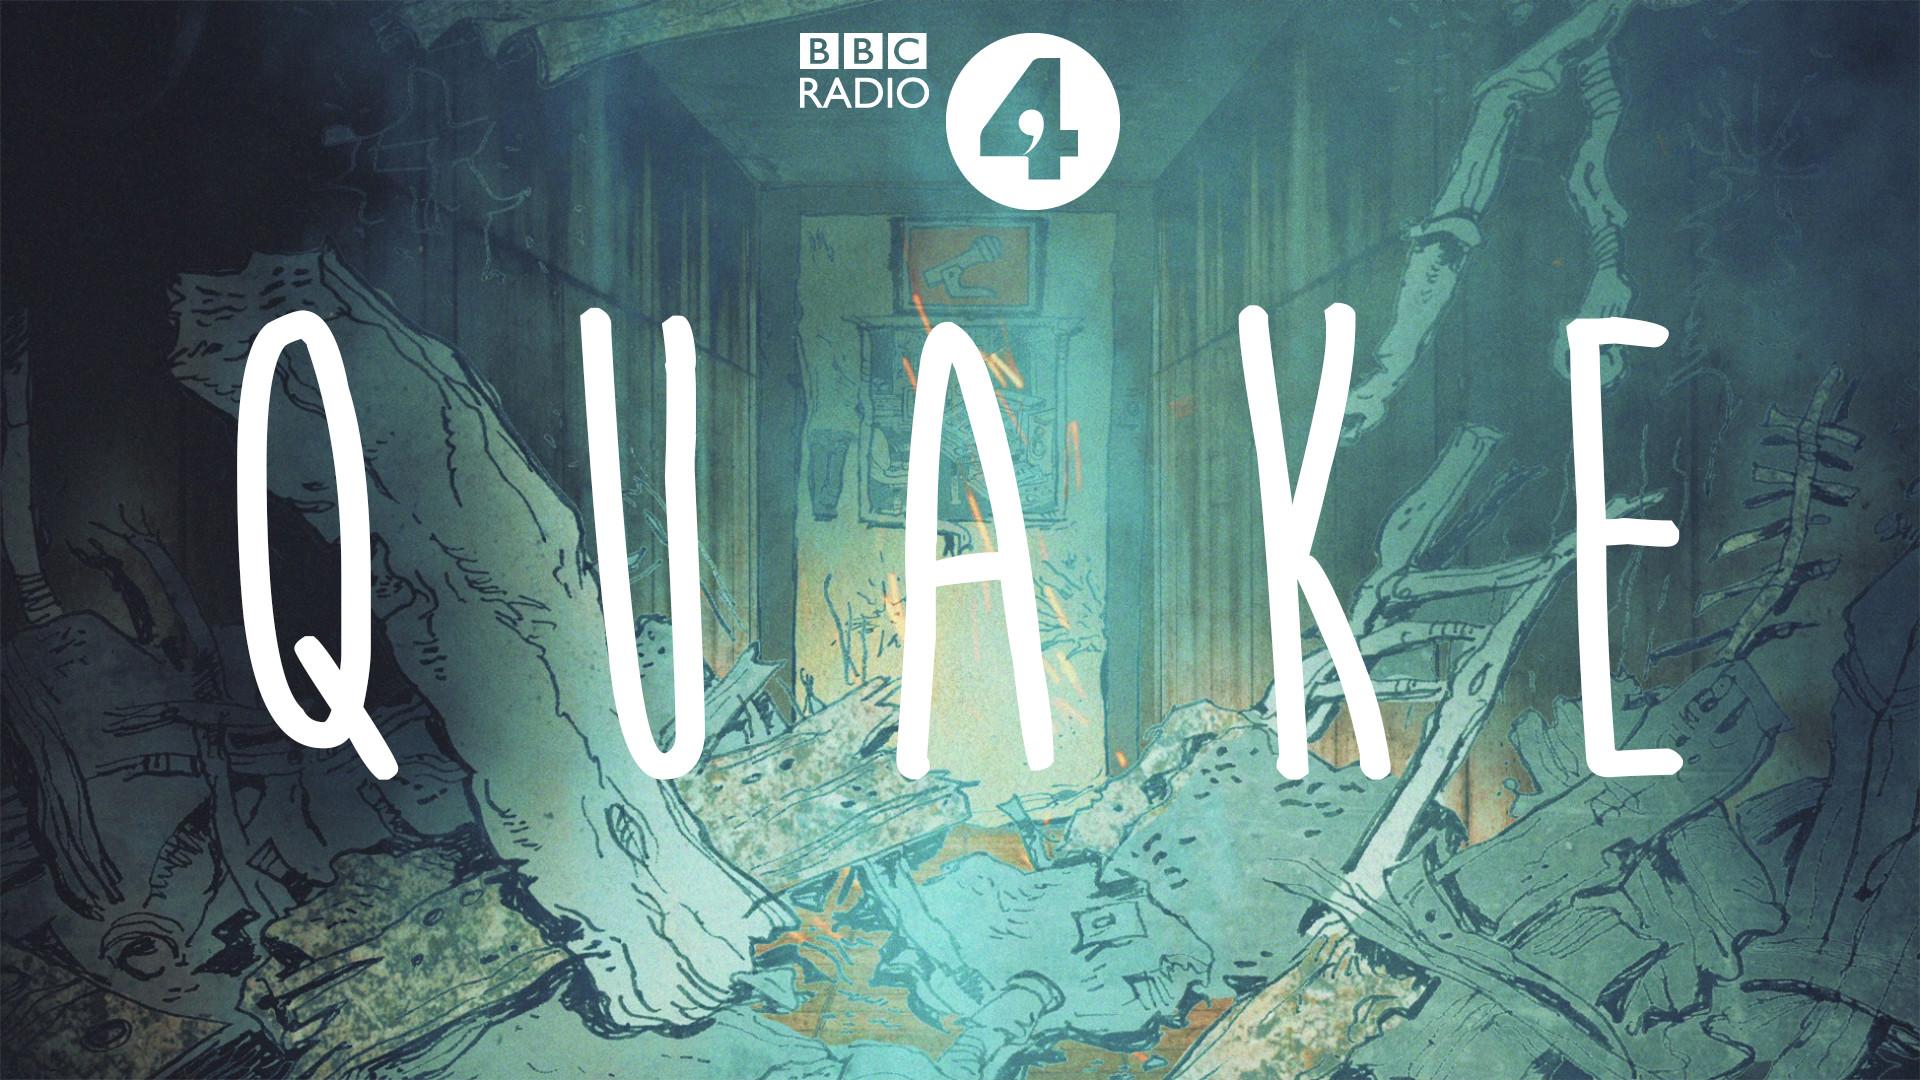 BBC Radio 4 - 'Quake'